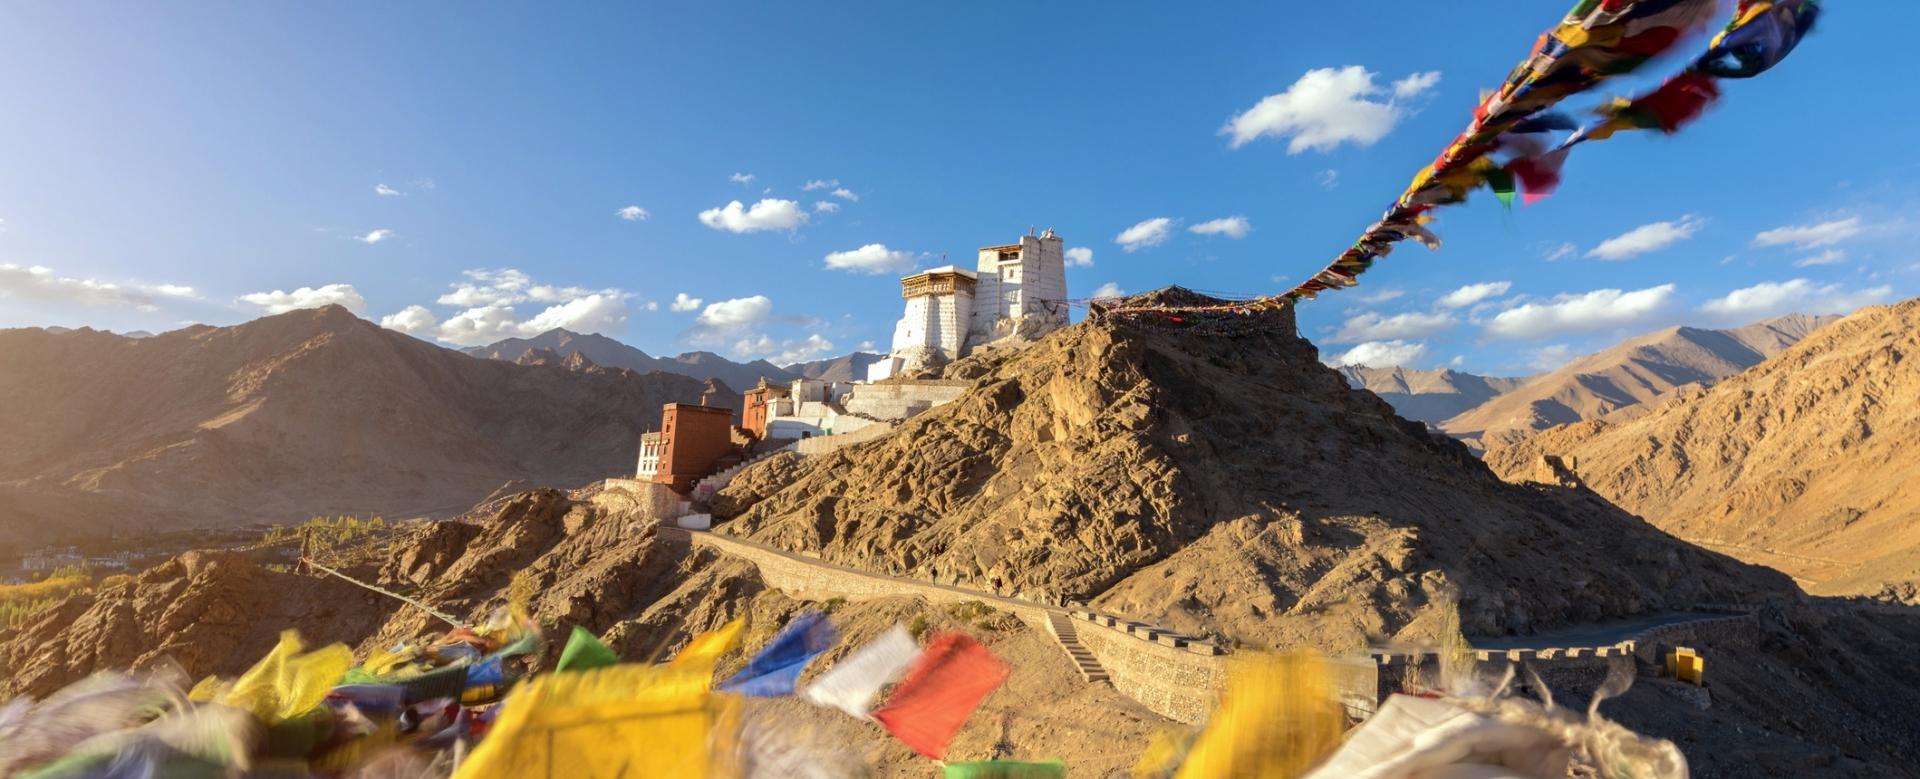 Voyage à pied : Inde : Pays ladakhi et taj mahal